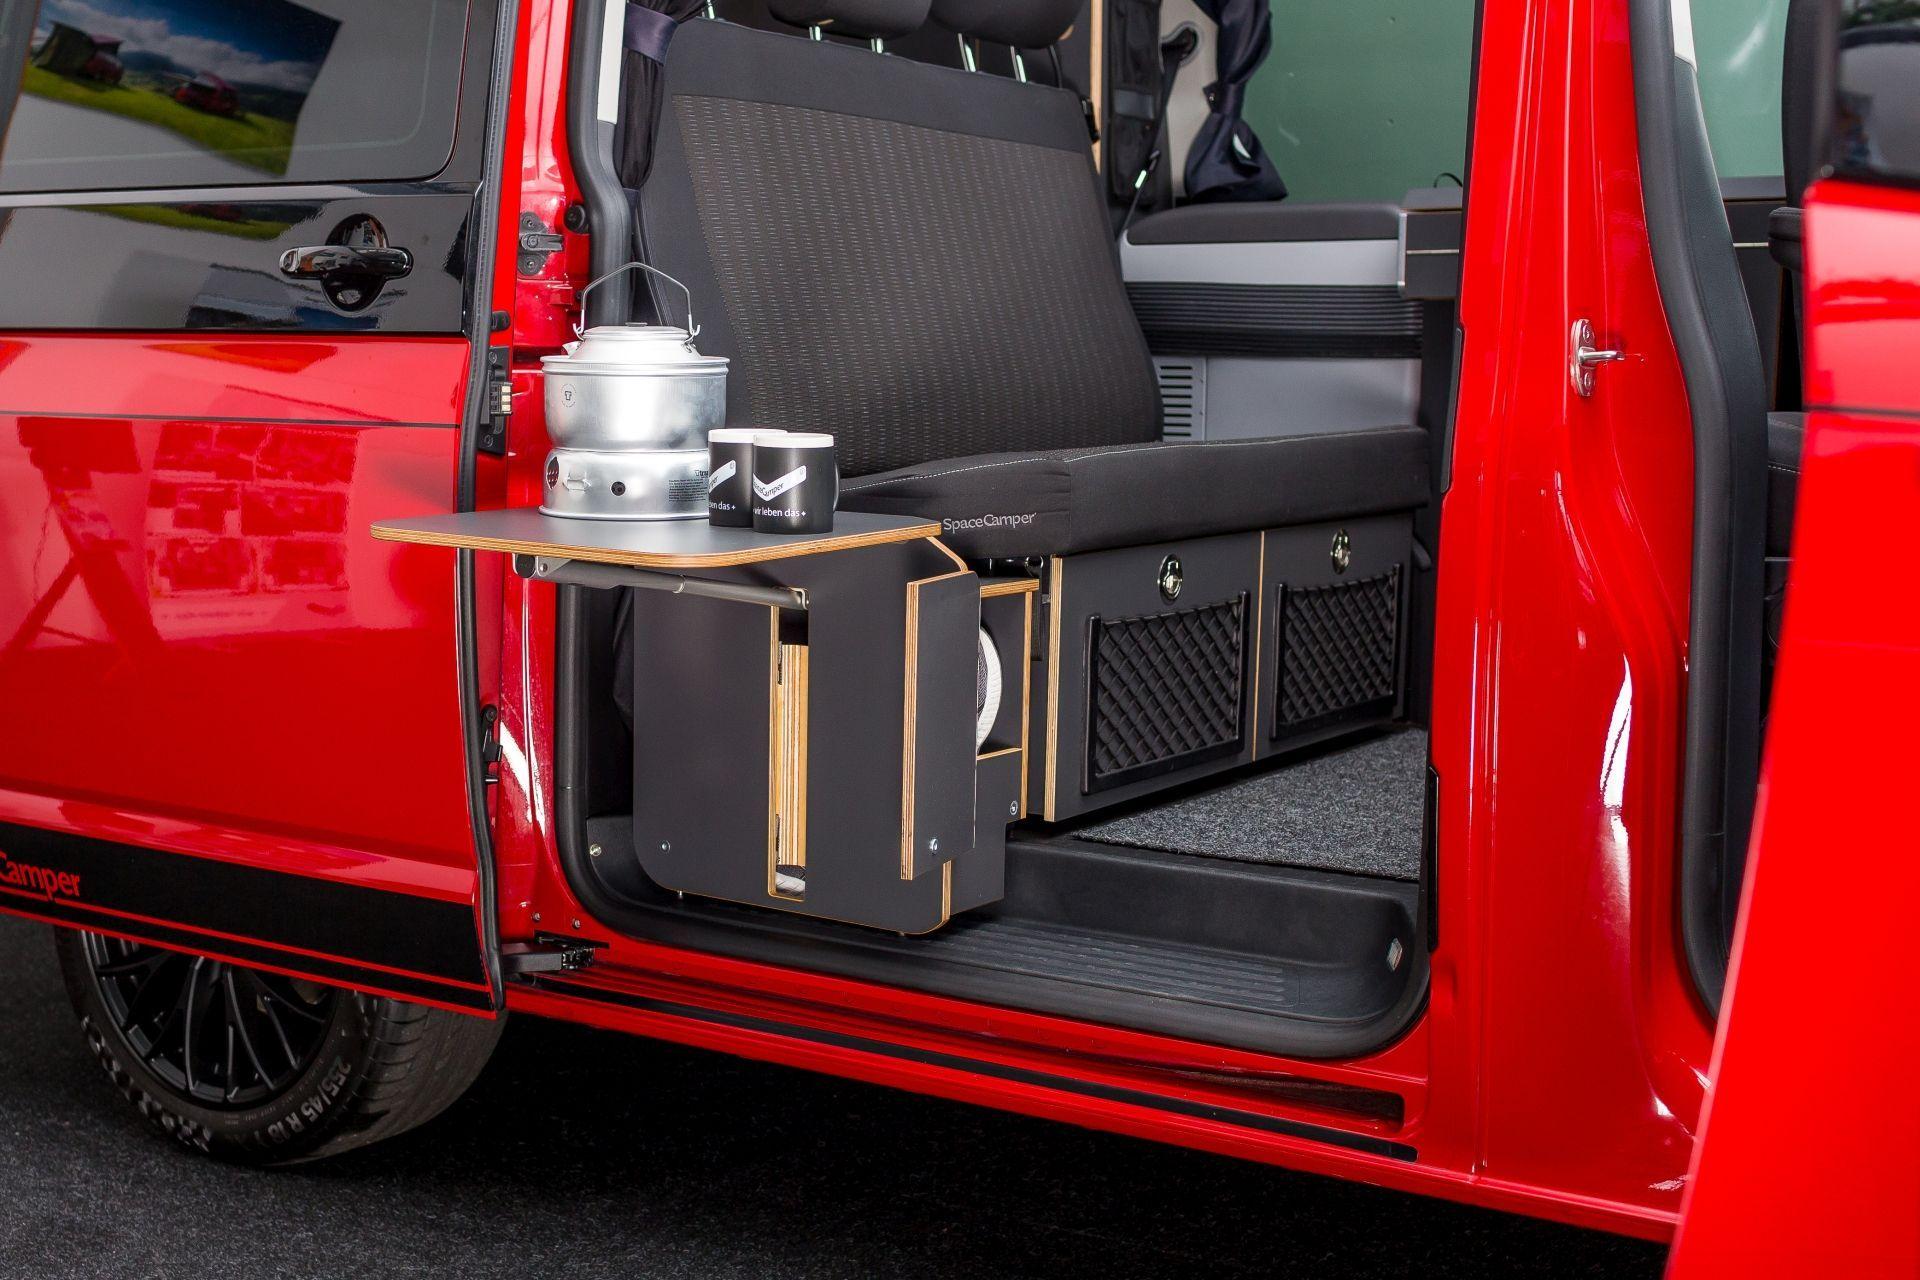 Ausstattungsoption Anzeigen Der Spacecamper Vw T6 Camping Ausbau Reisemobil Wohnmobil Campingbus Und Alltagsfahrzeug In Darmstadt Campingbus